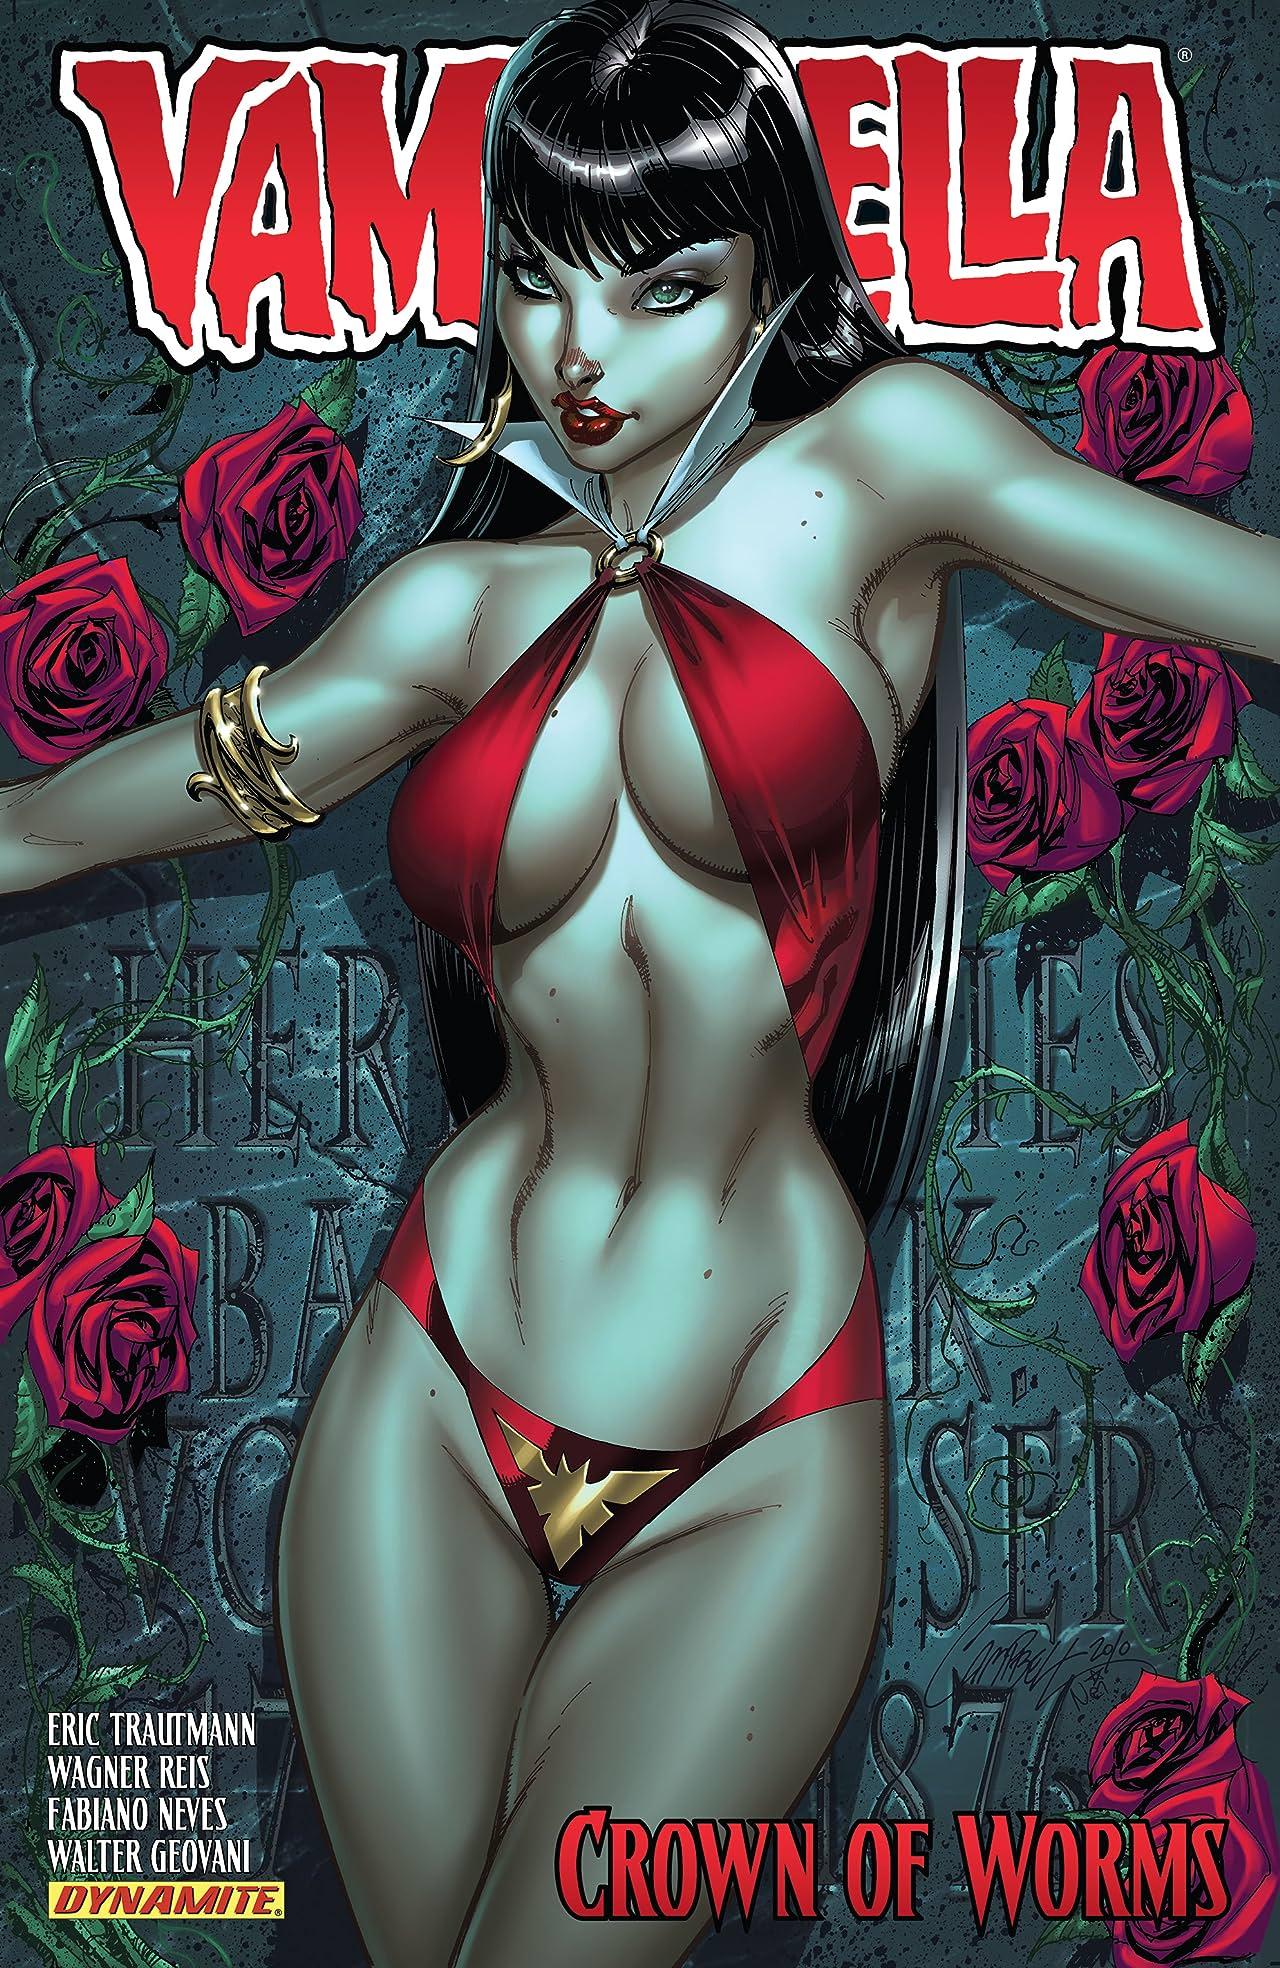 Vampirella (2011-2014) Vol. 1: Crown of Worms